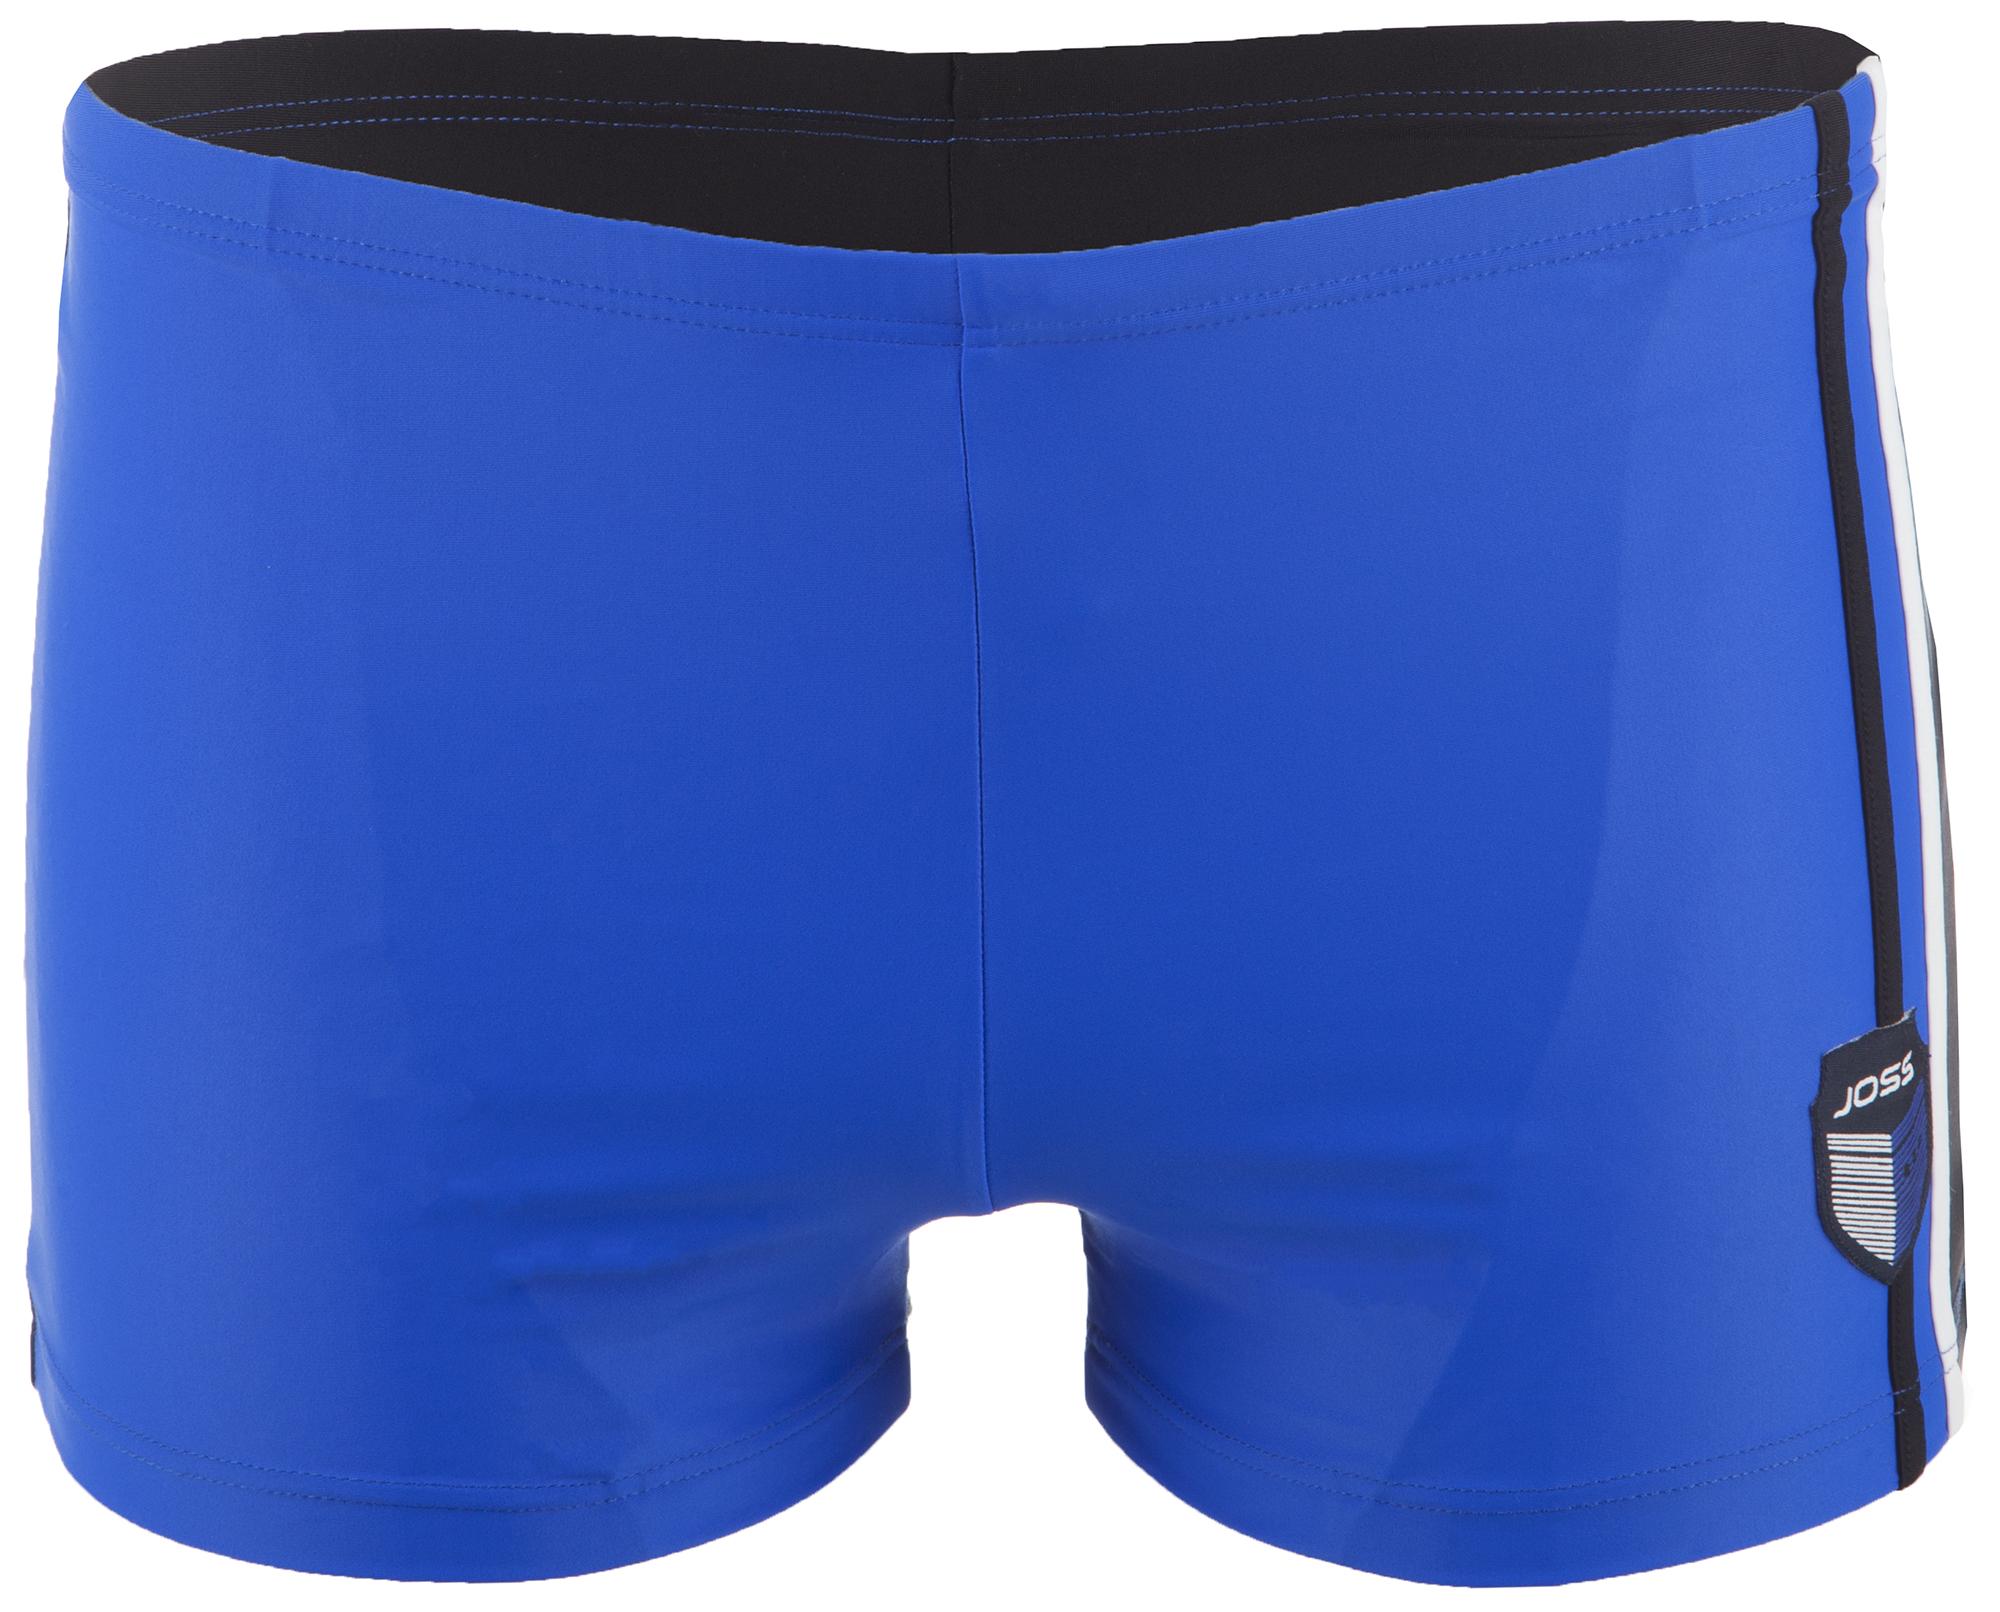 Joss Плавки-шорты мужские Joss купить шорты мужские в интернет магазине дешево